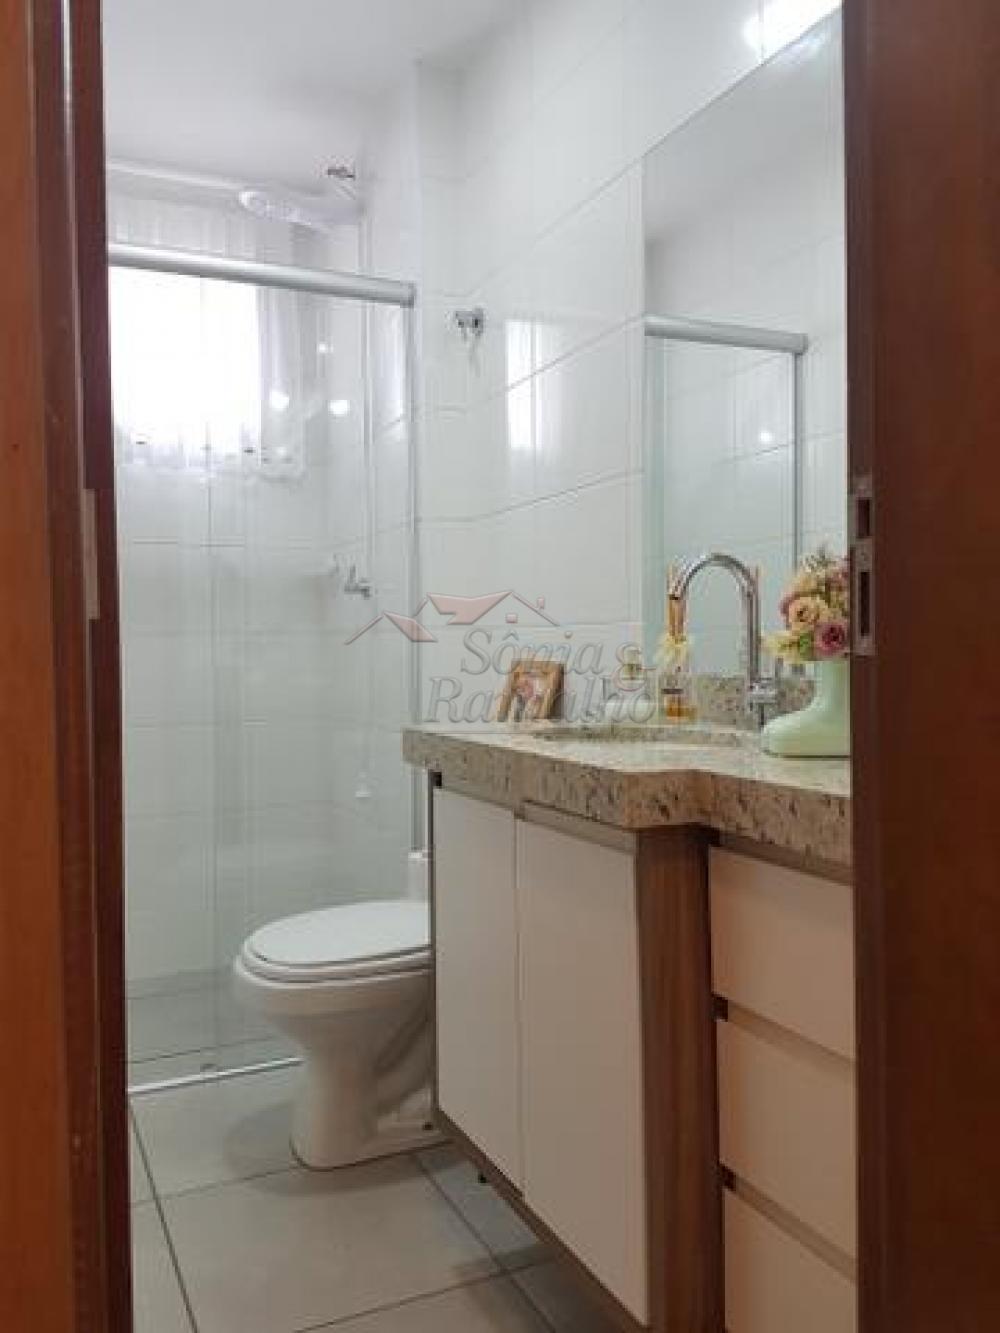 Comprar Apartamentos / Padrão em Ribeirão Preto apenas R$ 300.000,00 - Foto 9